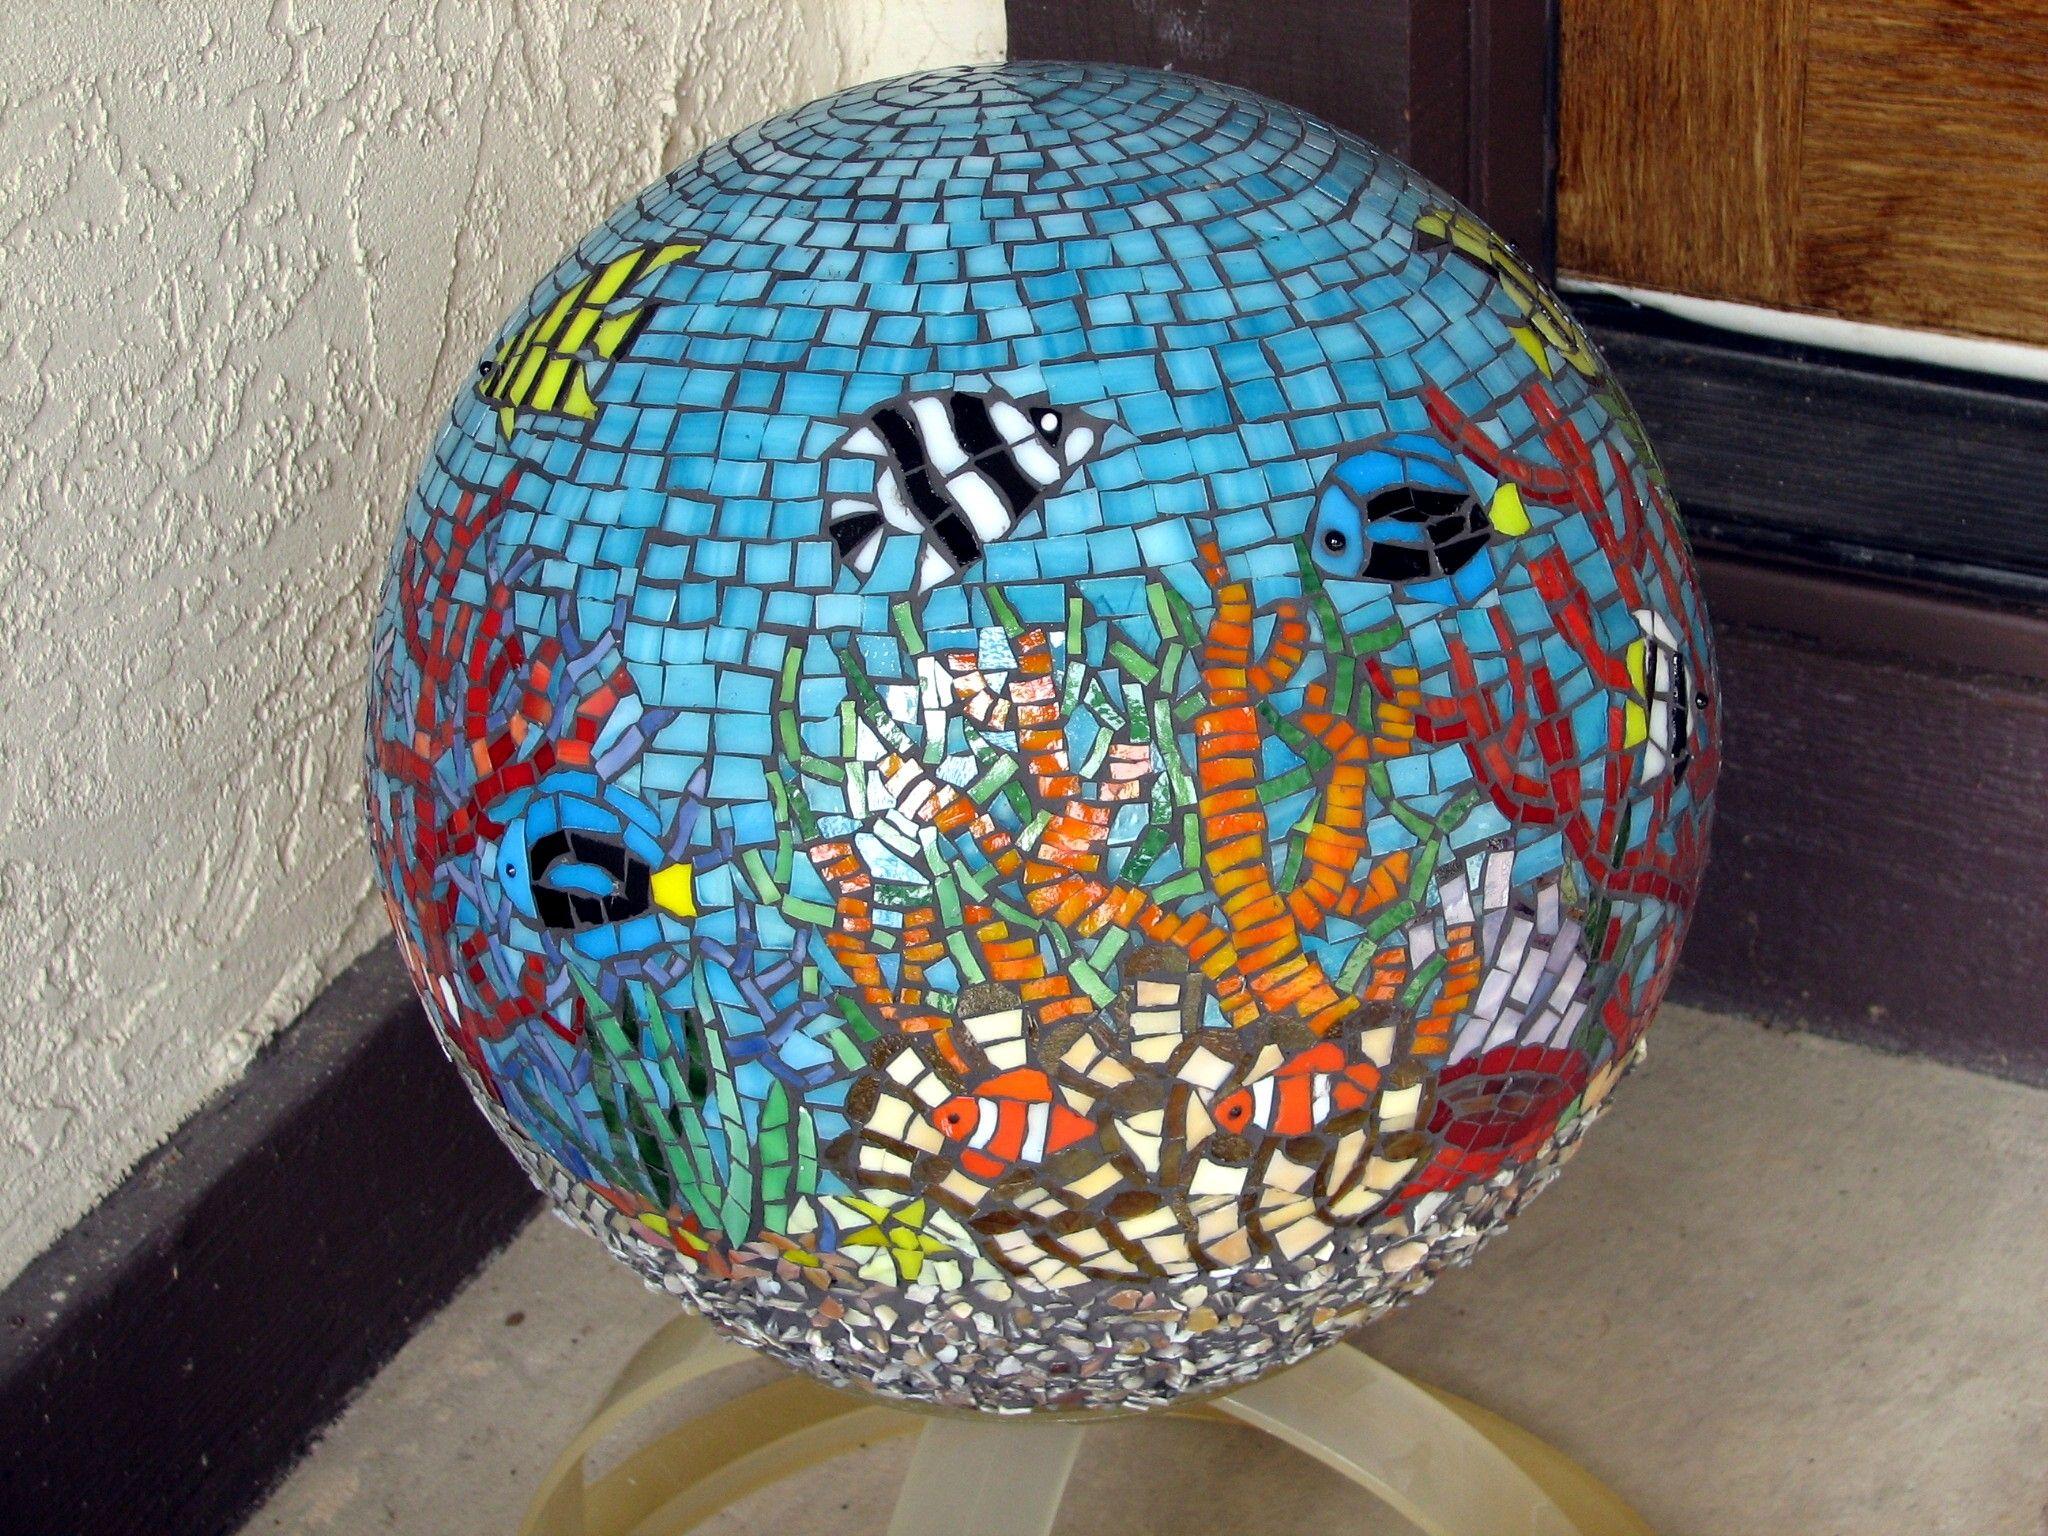 Mosaic coral reef, Mary Ellen Bazil | Mosaic | Pinterest ...